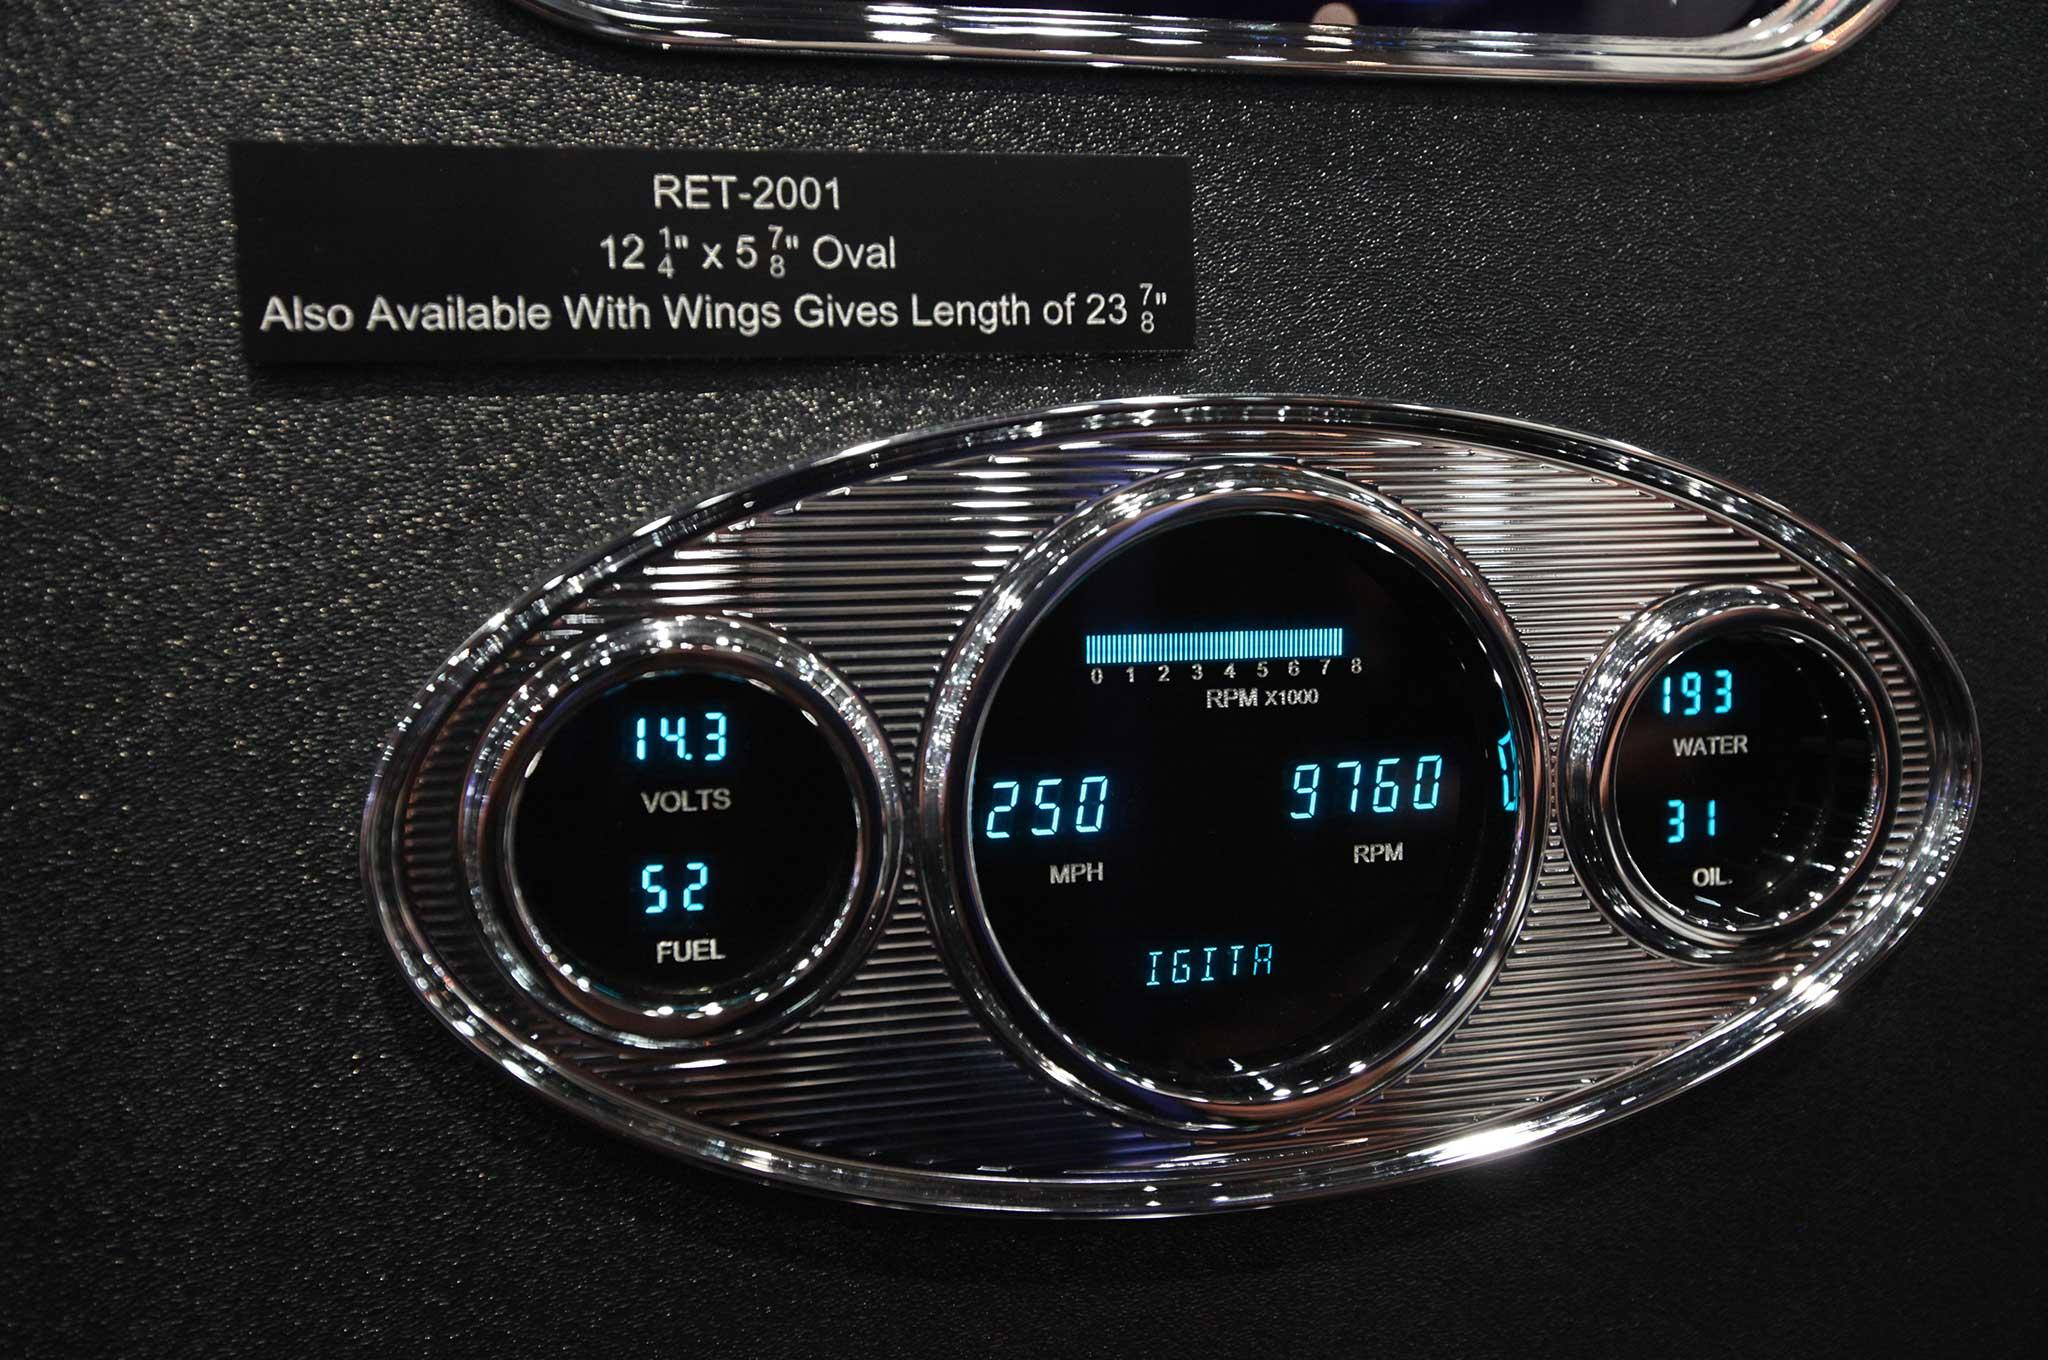 Car interior necessities -  Interior Necessities At Sema 2015 Electronic Cluster Kits011 Interior Necessities At Sema 2015 Electronic Cluster Kits016 Interior Necessities At Sema